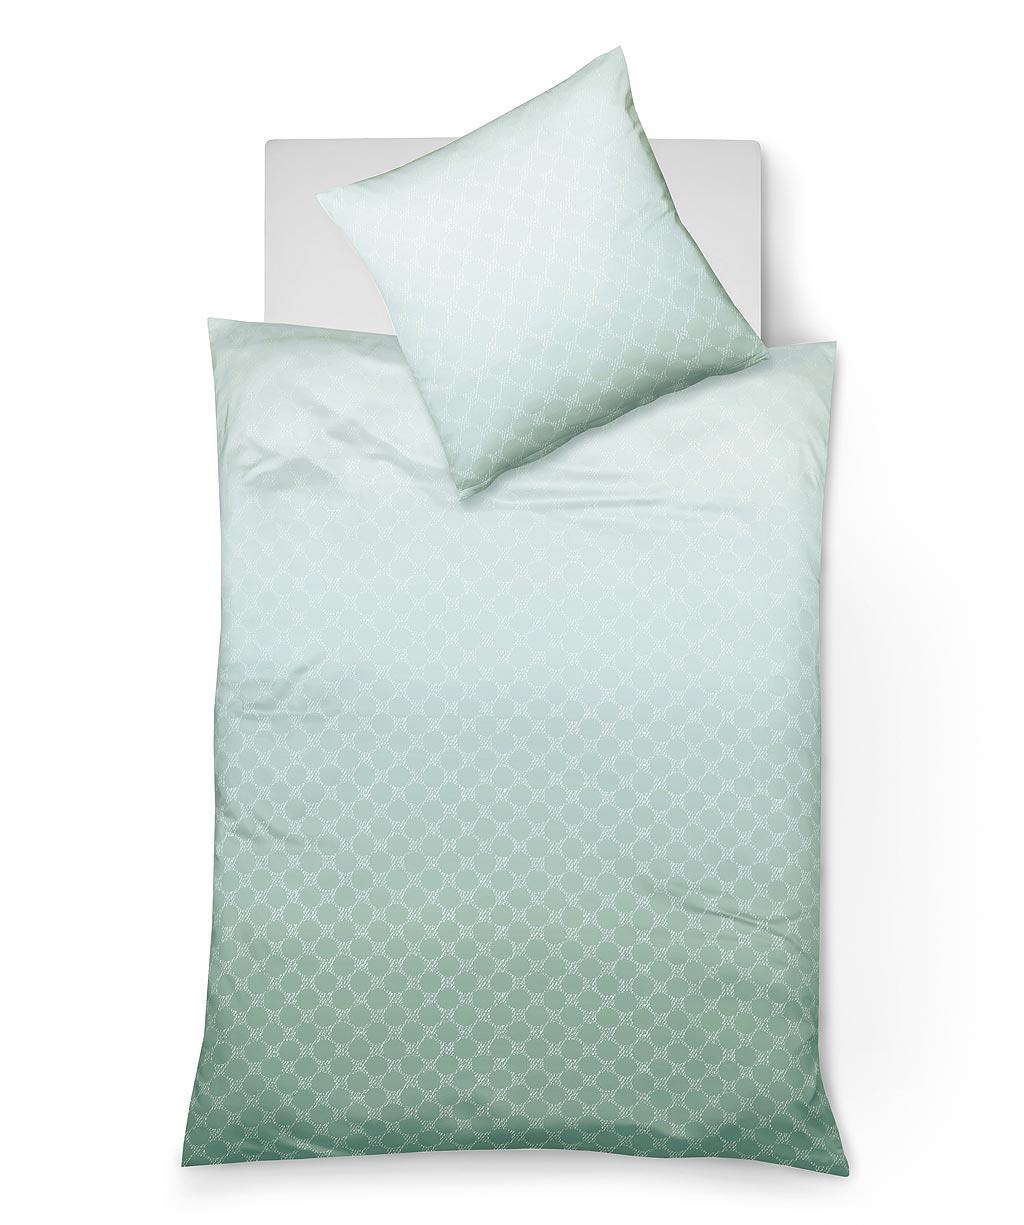 Bettwäsche mit grafischem Muster und Farbverlauf in Grün